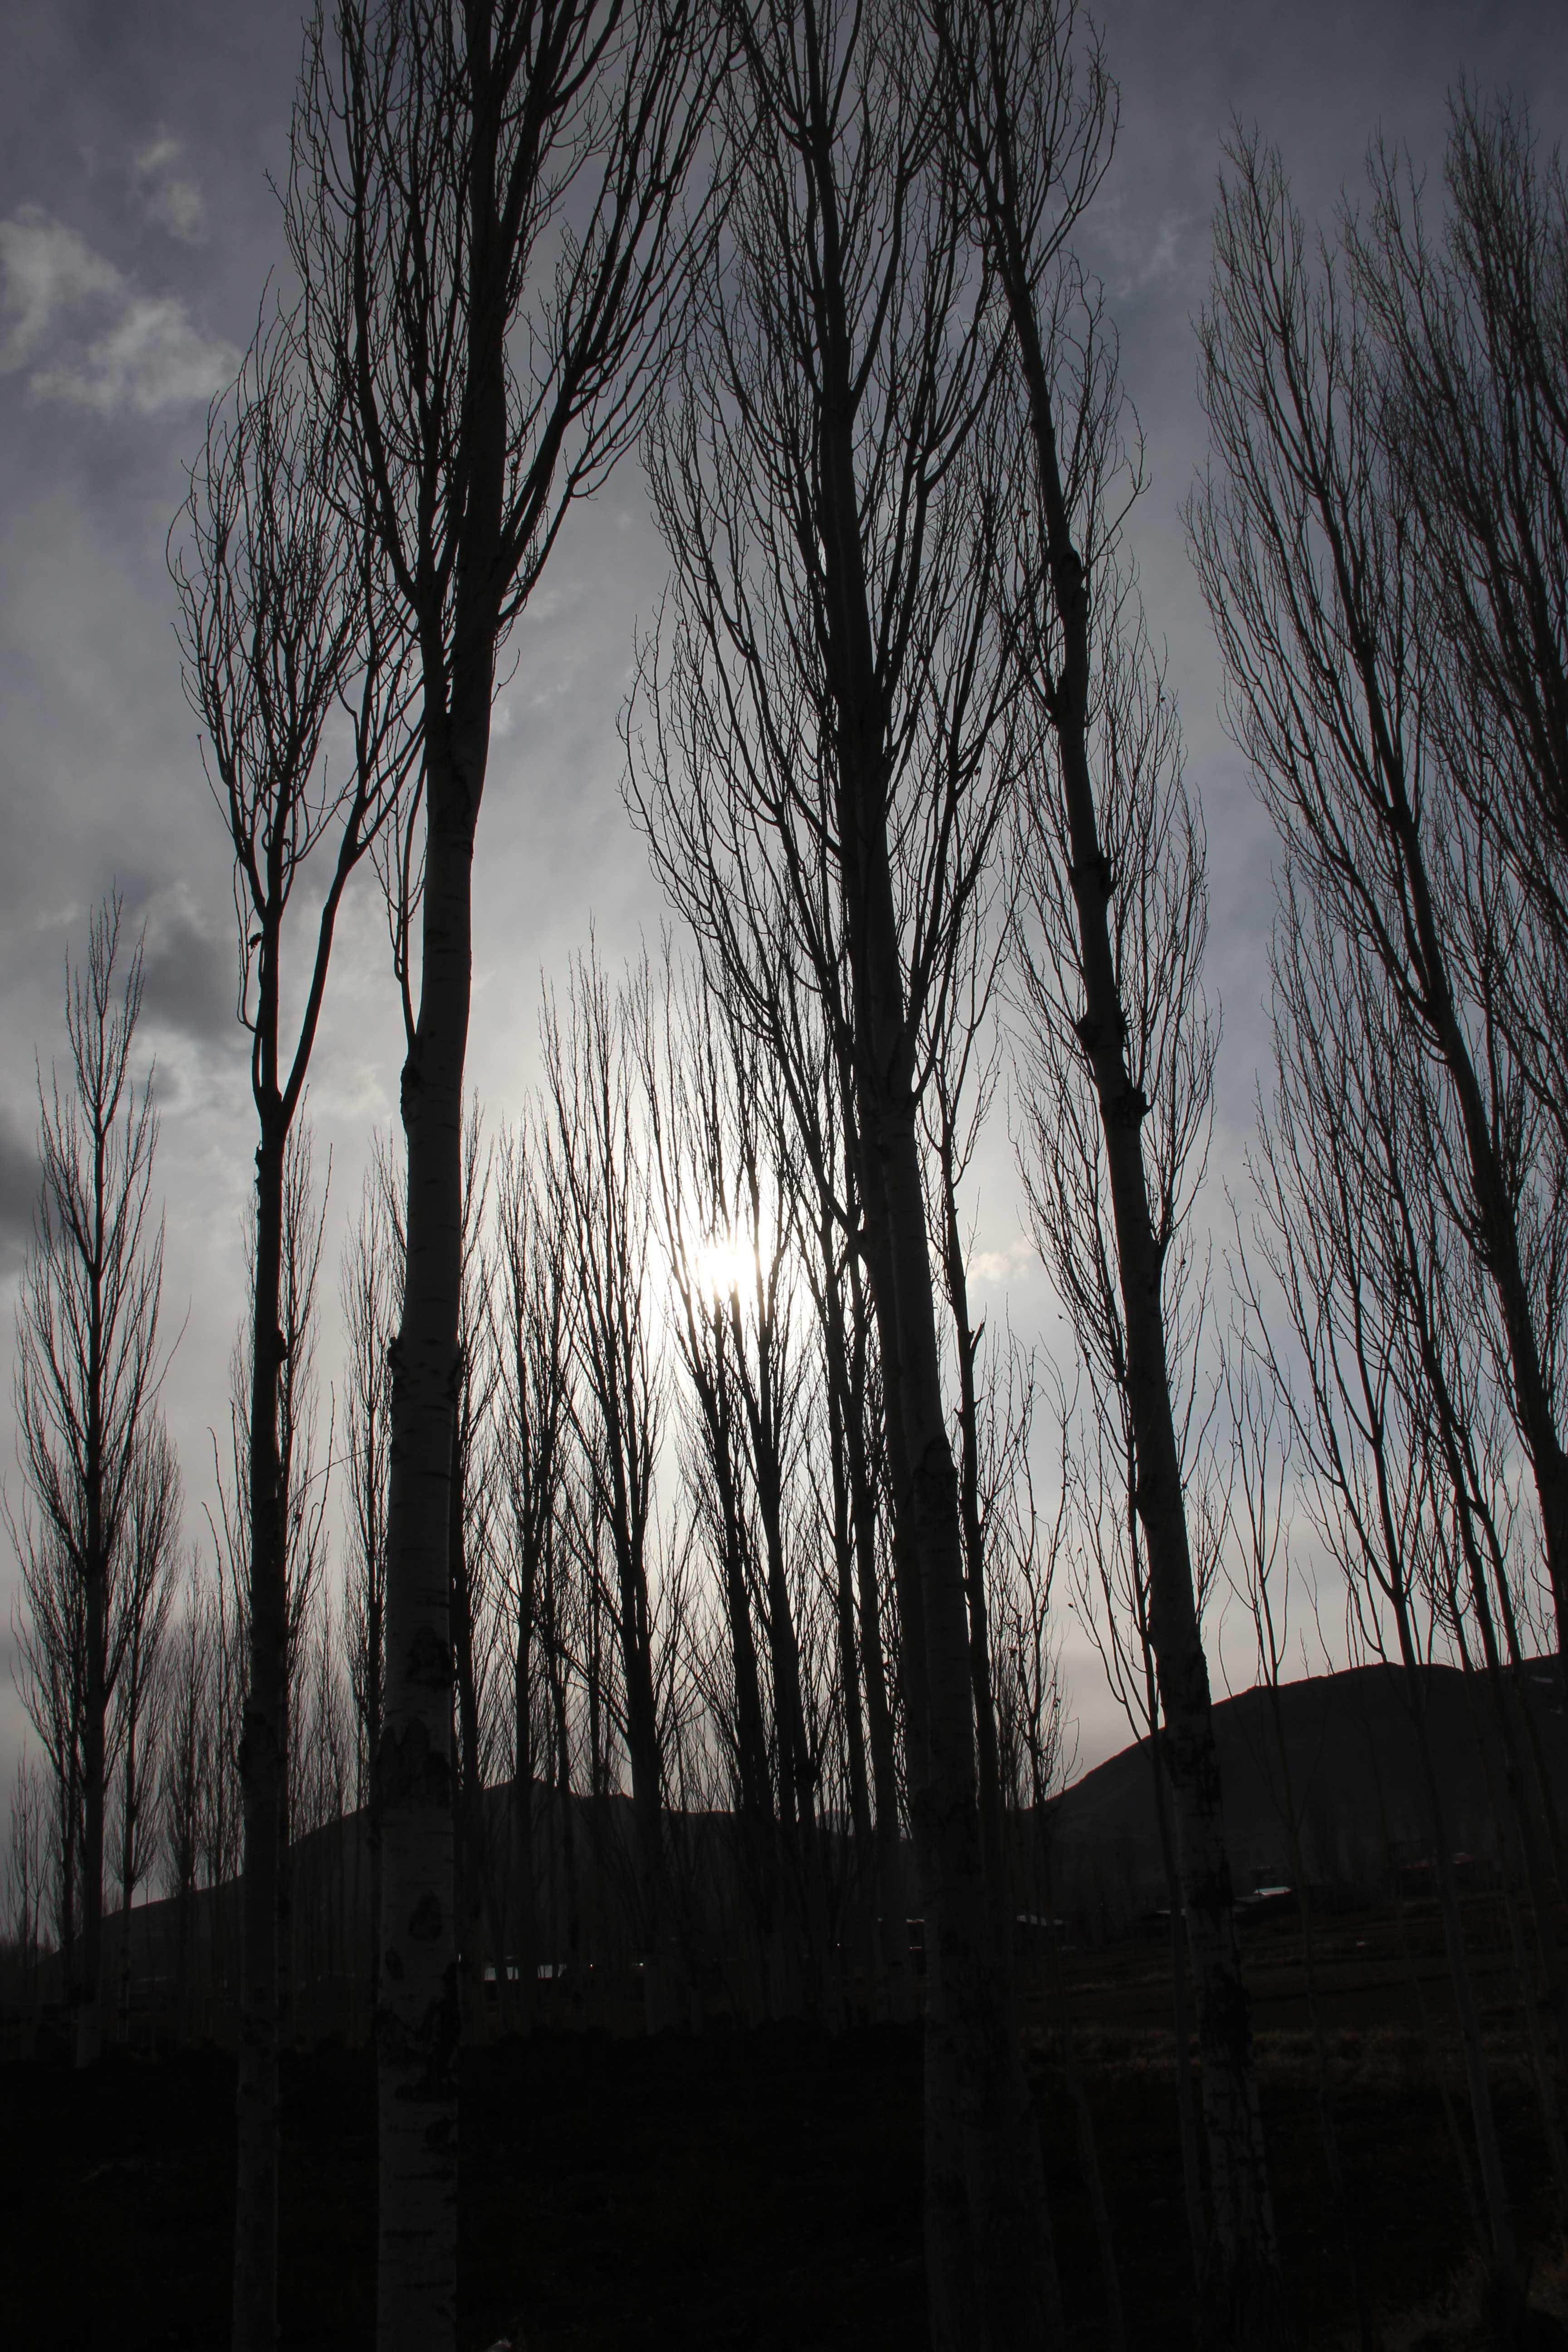 Free stock photo of Iran- Kashan 2004